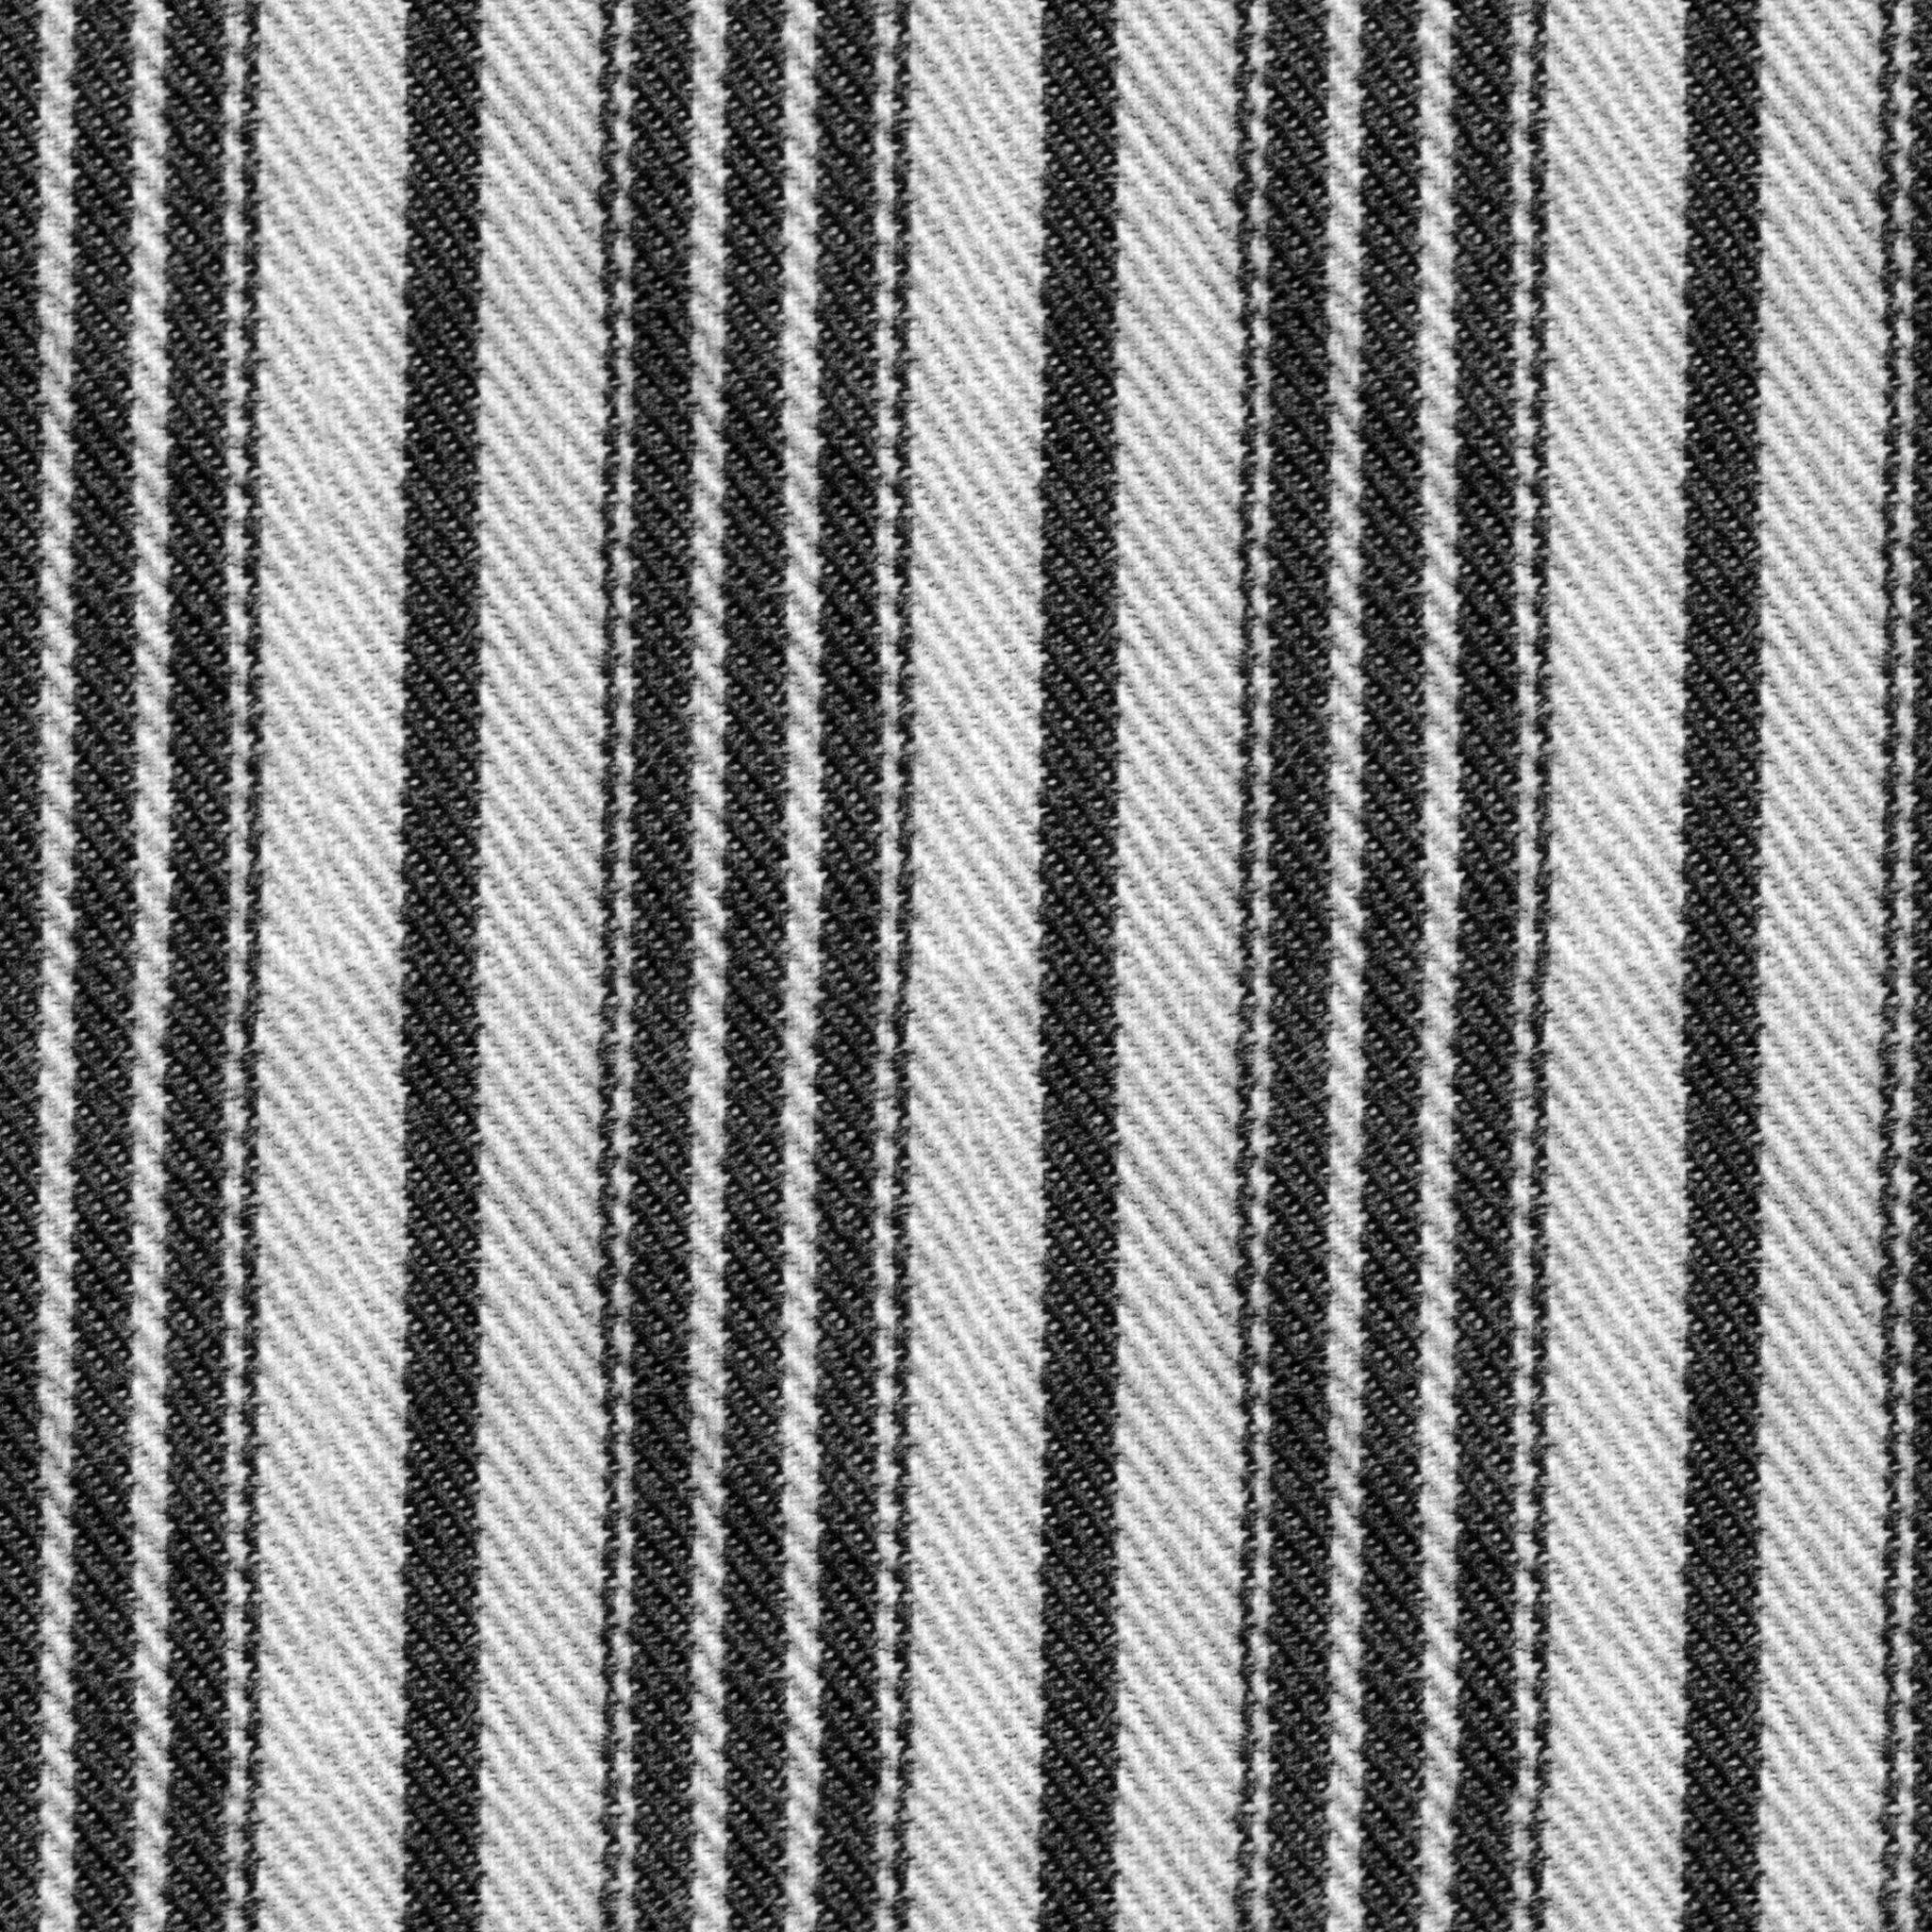 Barcode Stripe.jpg